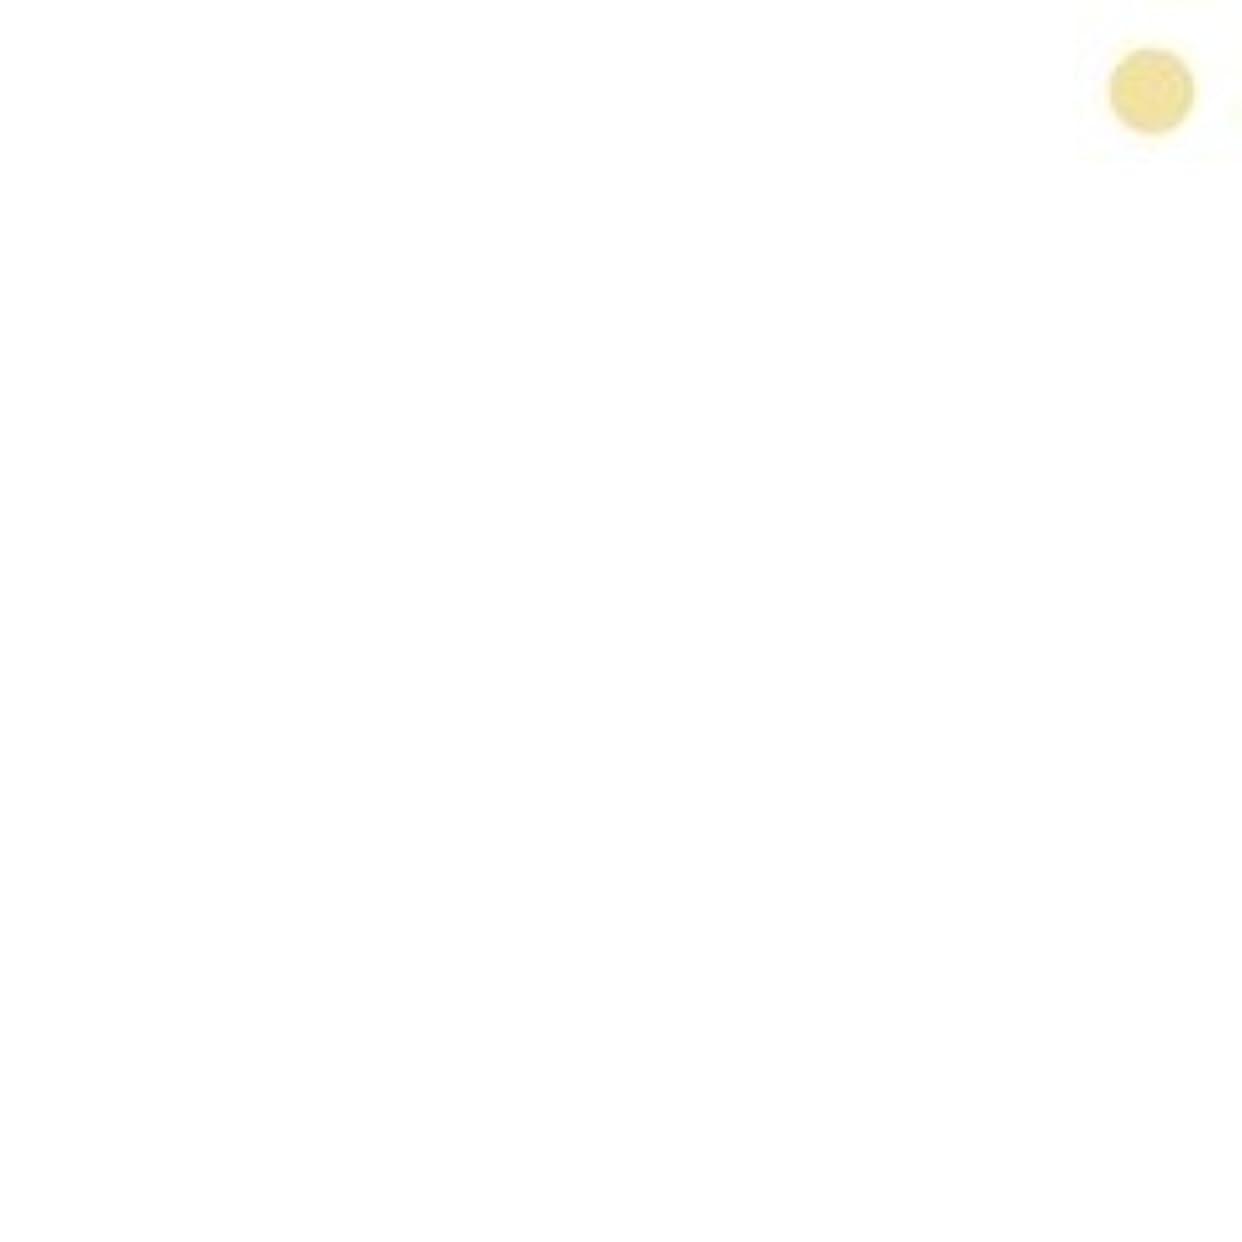 【カバーマーク】ジャスミーカラー パウダリーファンデーション #YN10 (レフィル)